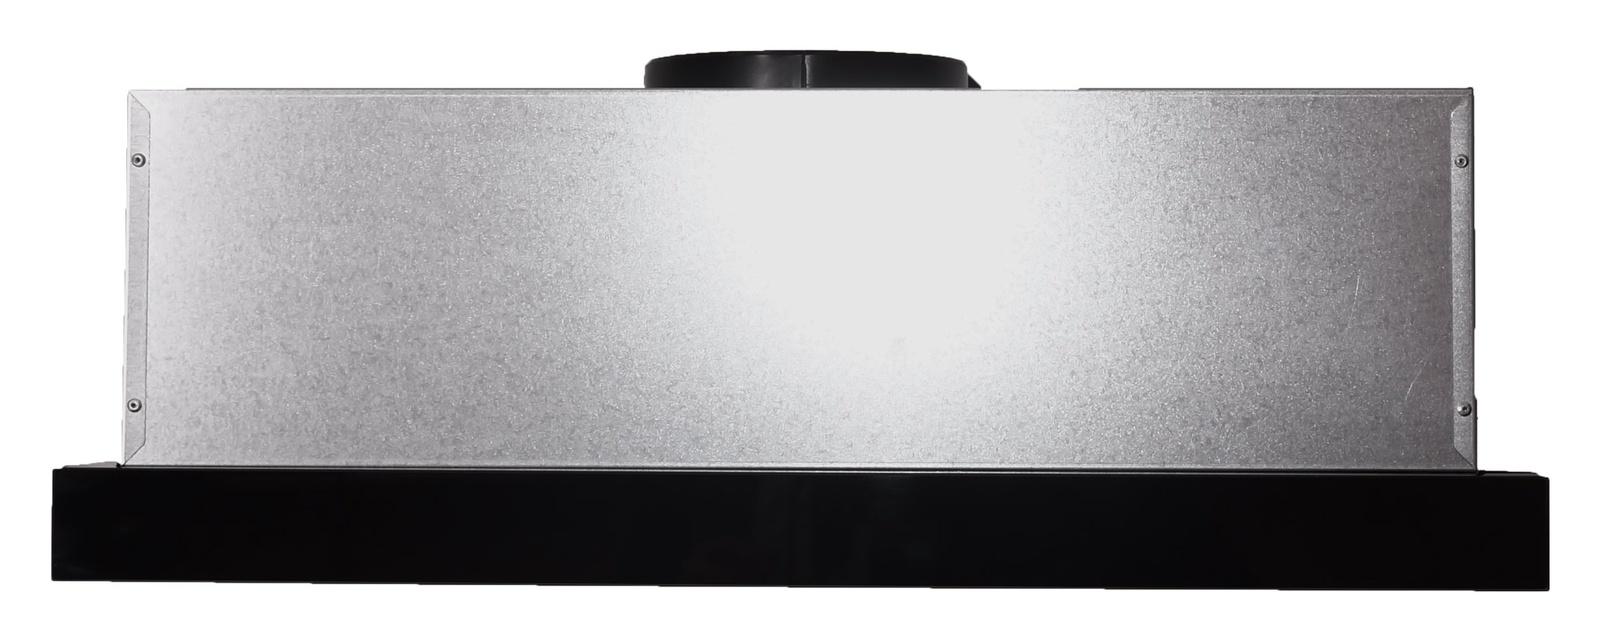 Вытяжка Exiteq EX-1076 black glass, серебристый